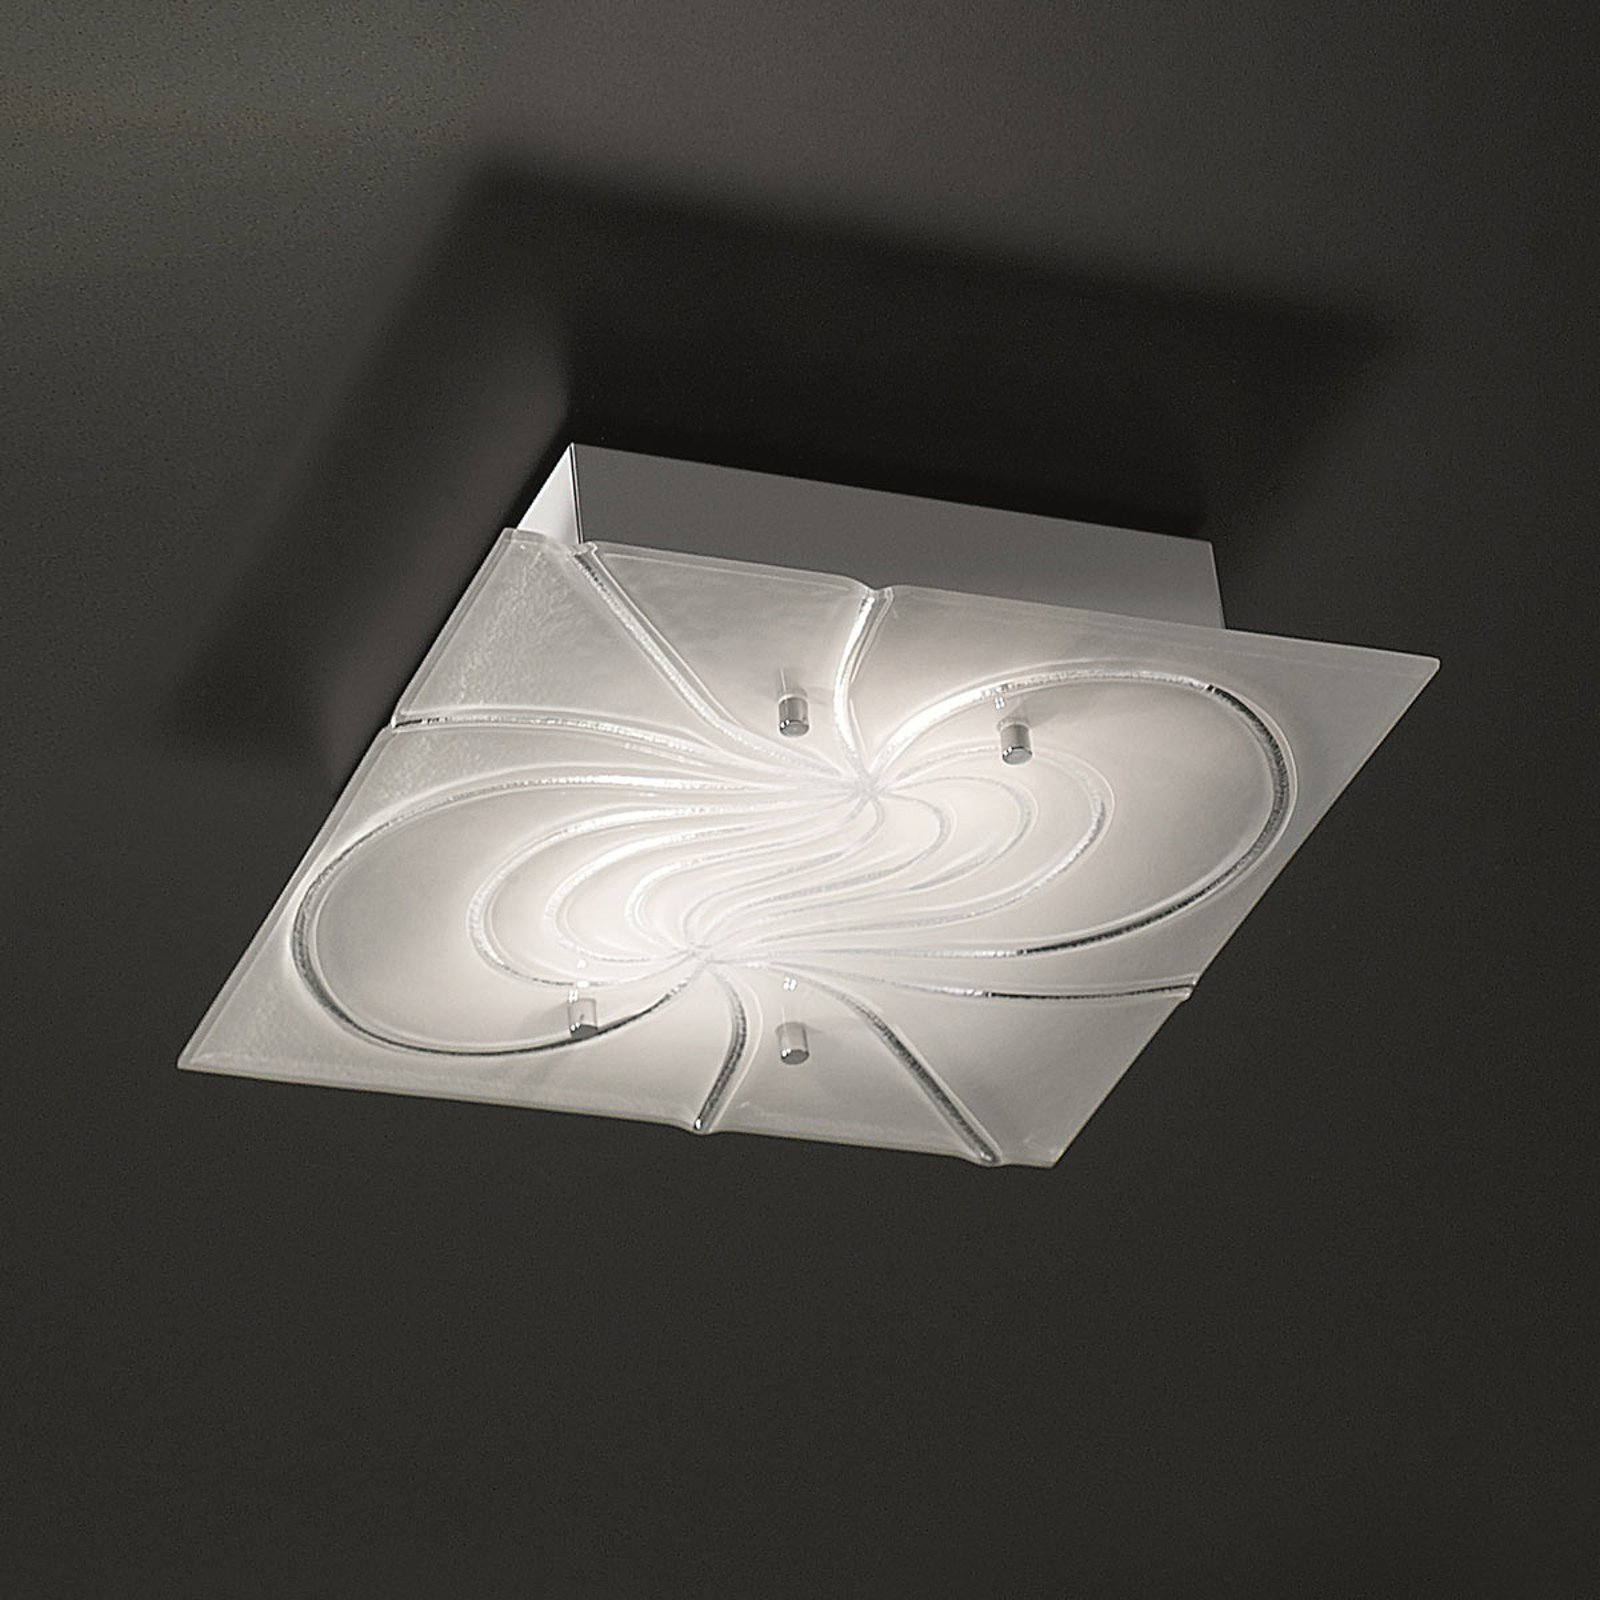 Kvadratisk taklampe Mistral 34 cm